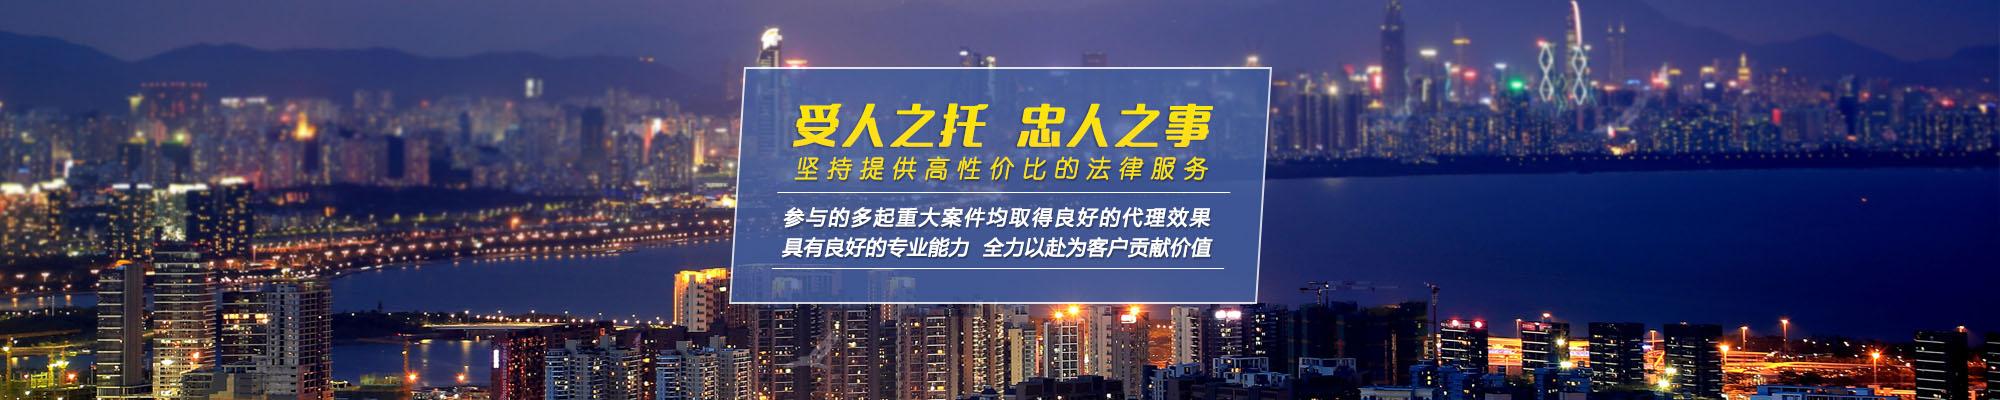 深圳拆迁补偿纠纷律师